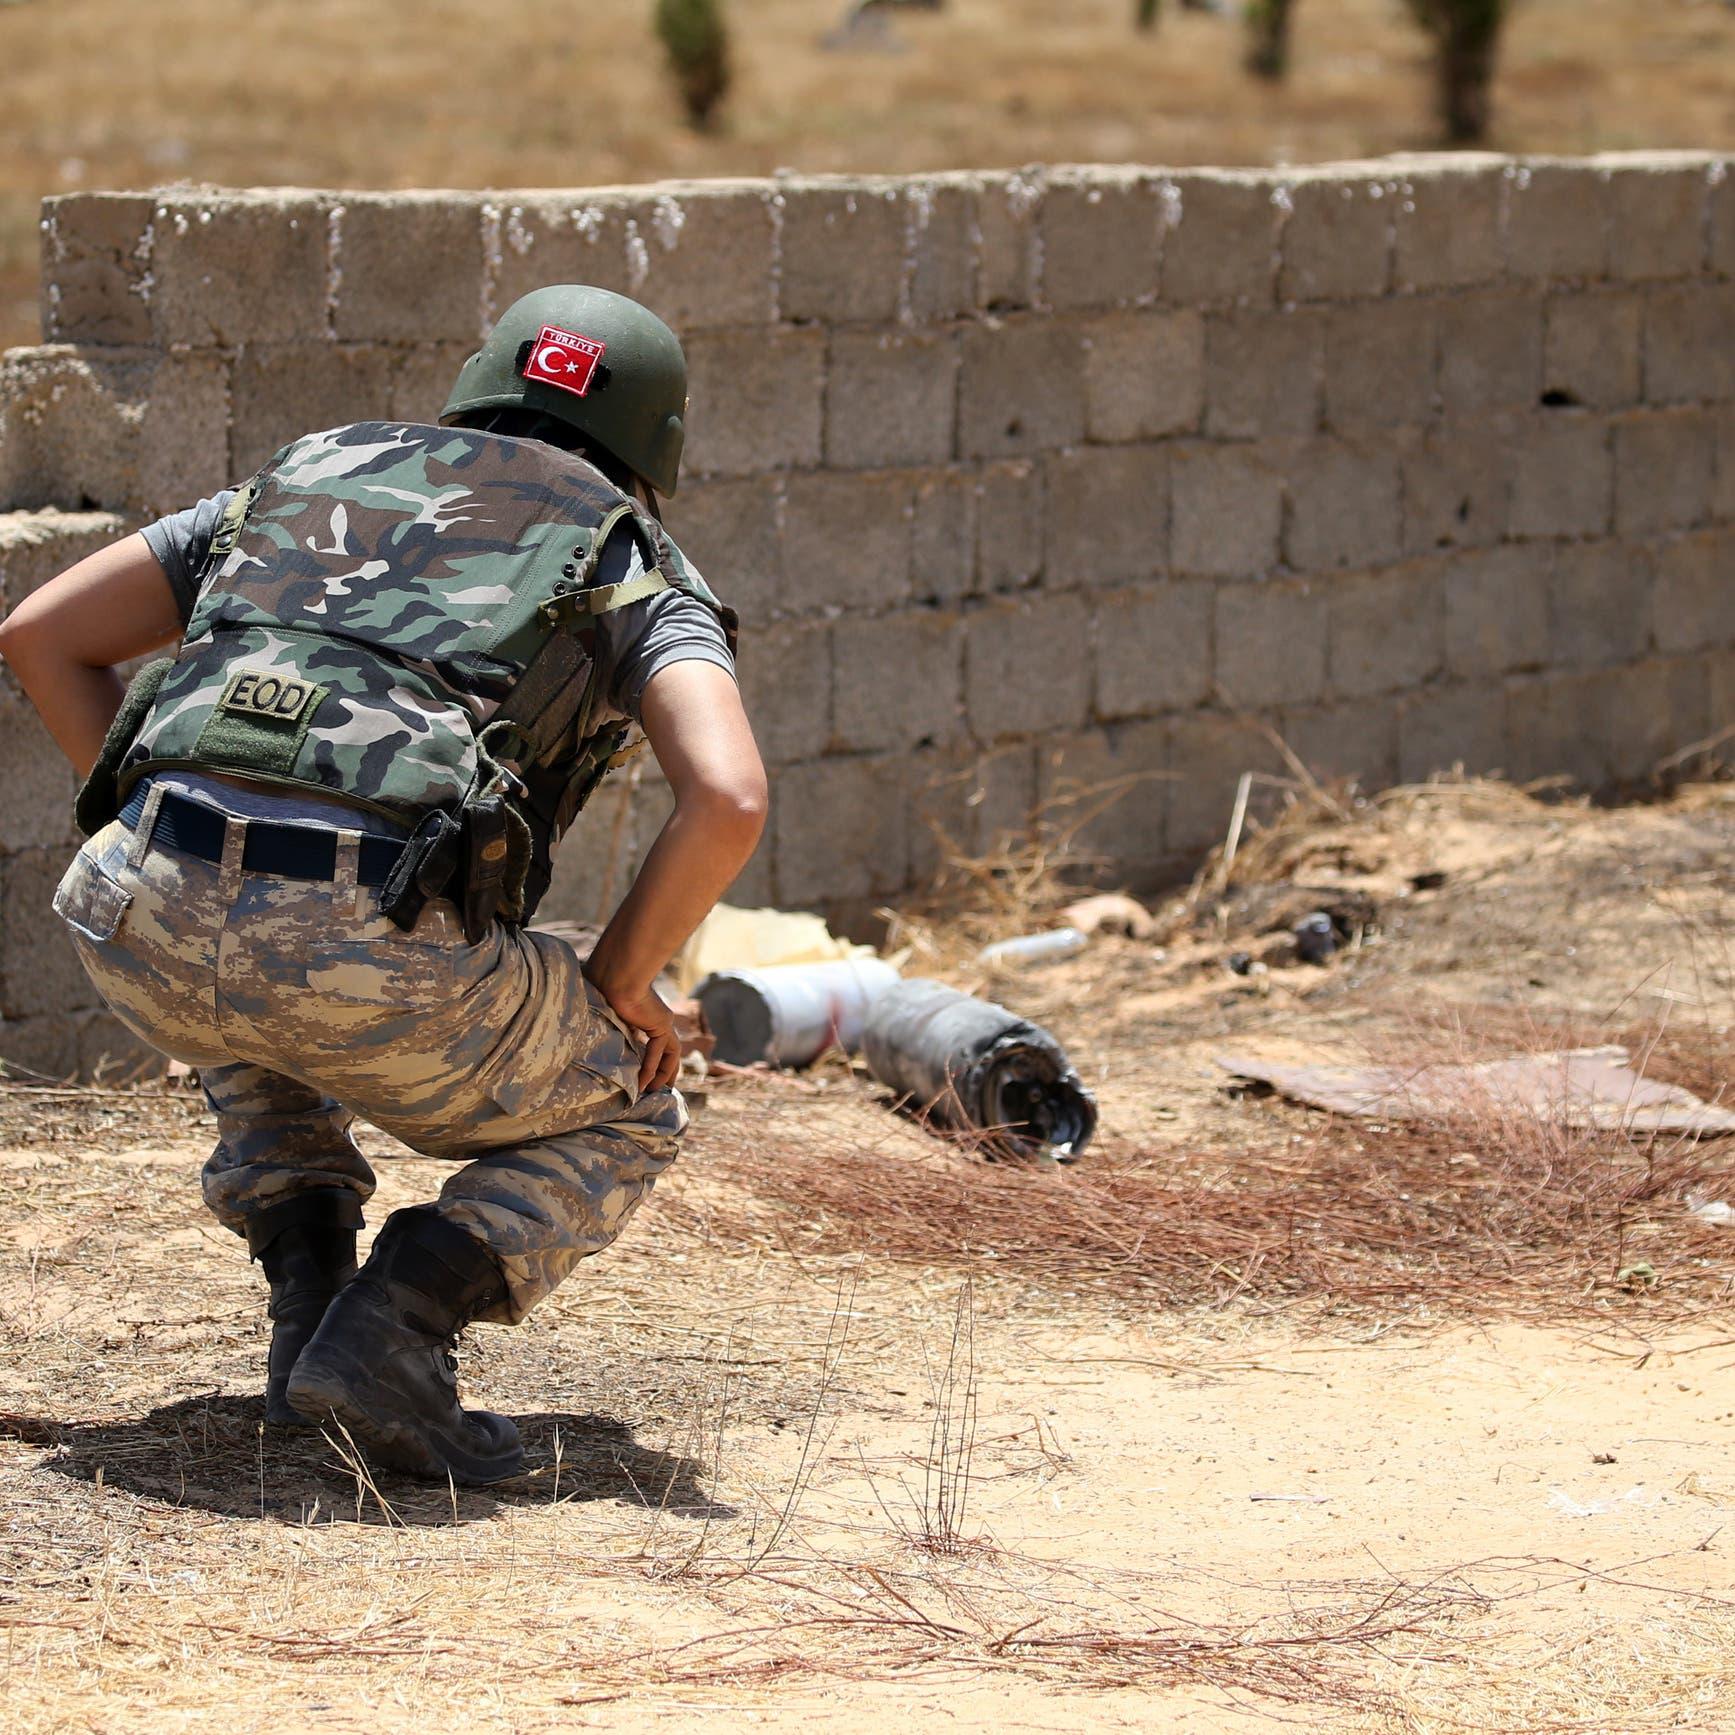 وزير دفاع الوفاق يتمسك بطيف تركيا.. هكذا ضرب جنيف